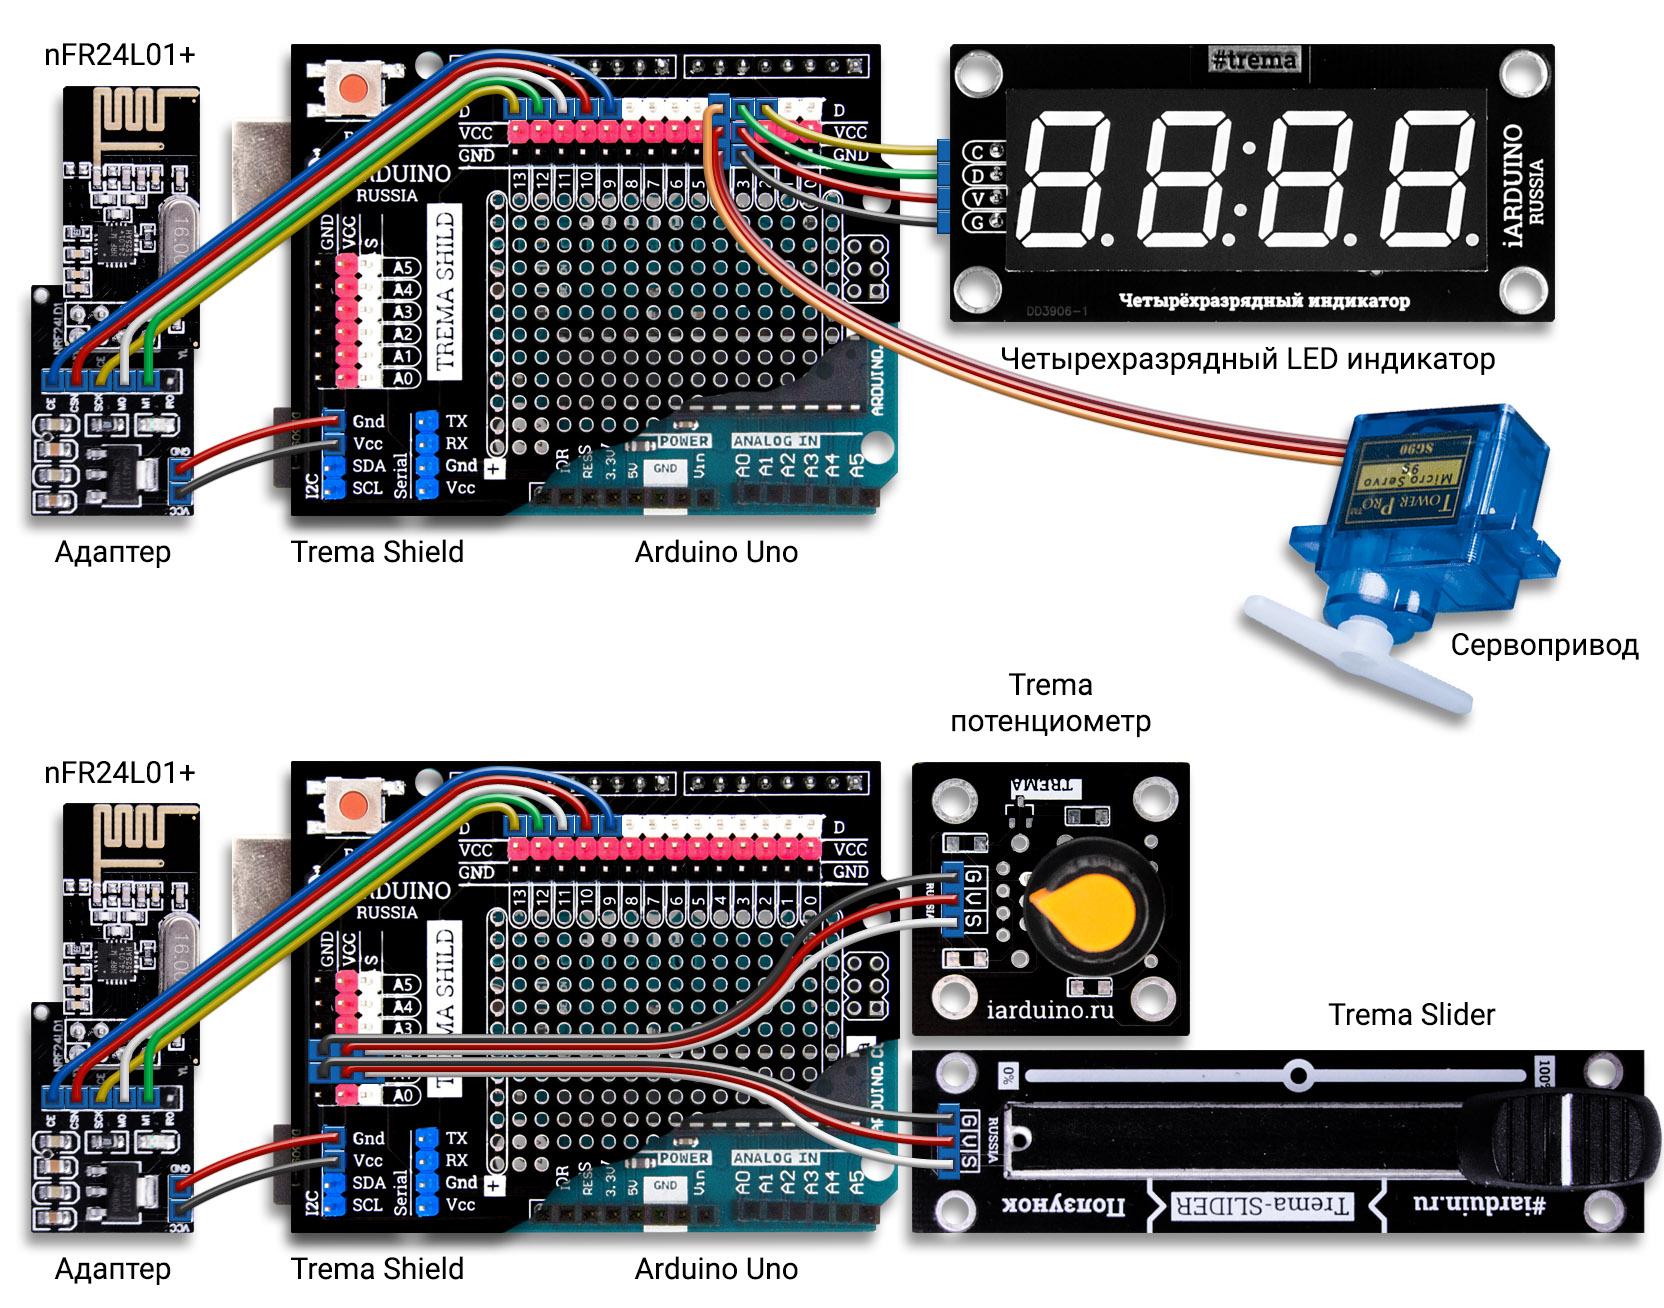 Схема соединения Arduino через модуль nRF24L01+